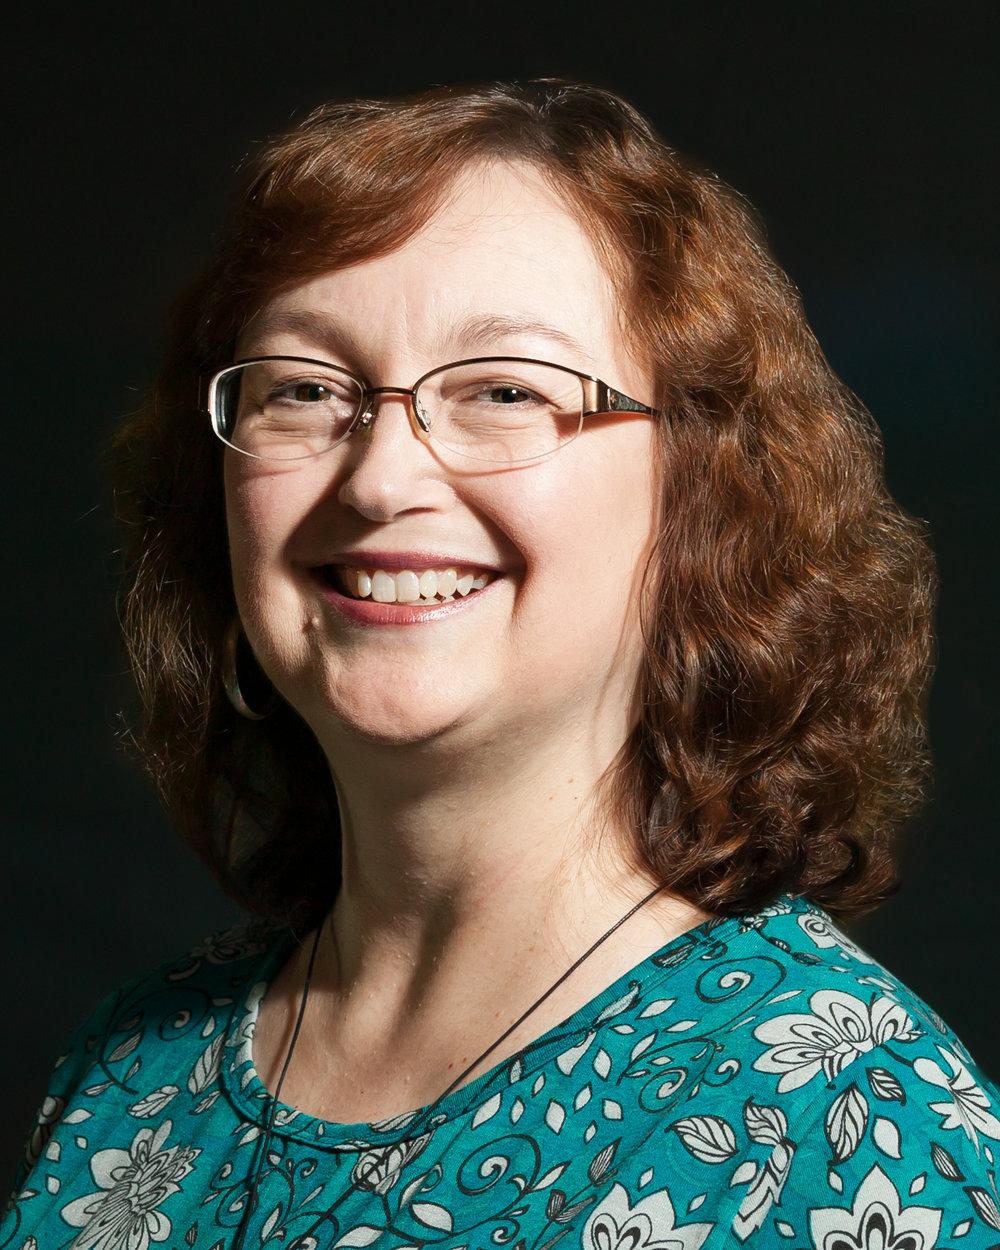 Leslie Eckhart